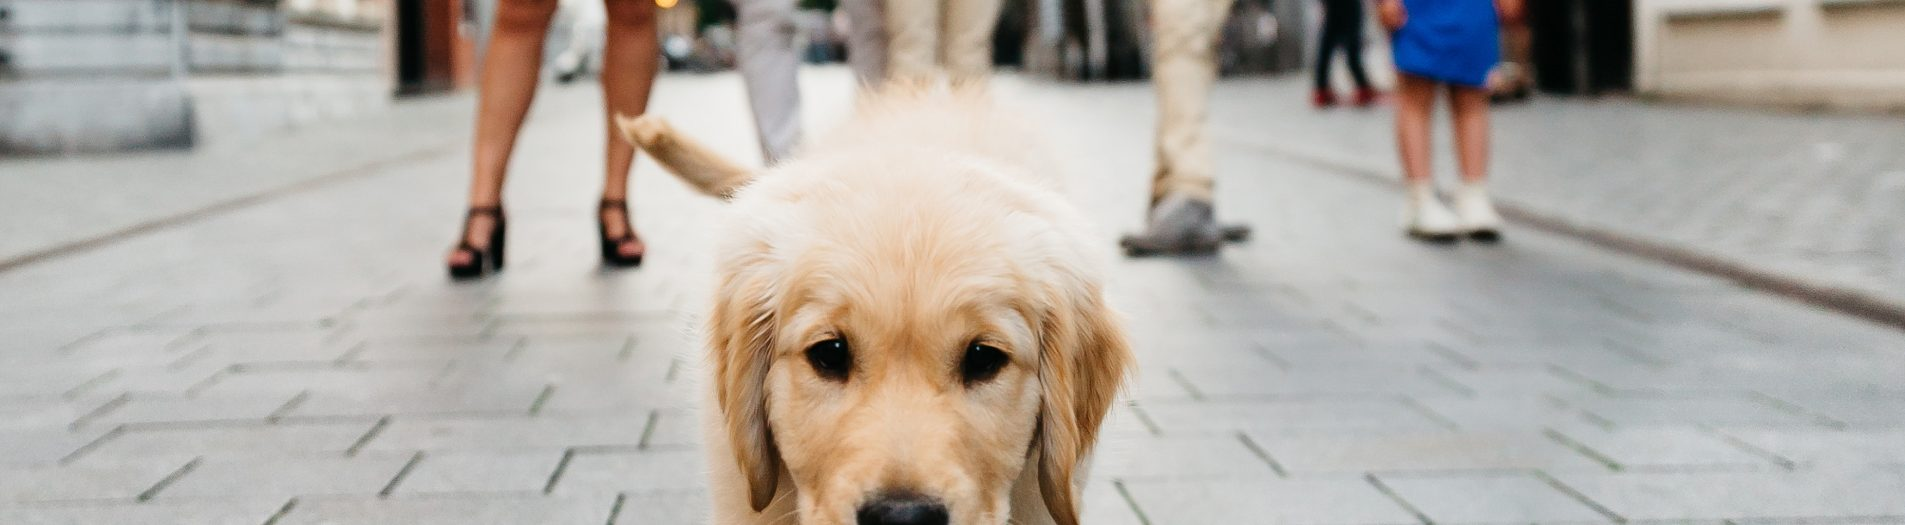 Gezinsfotografie met hond